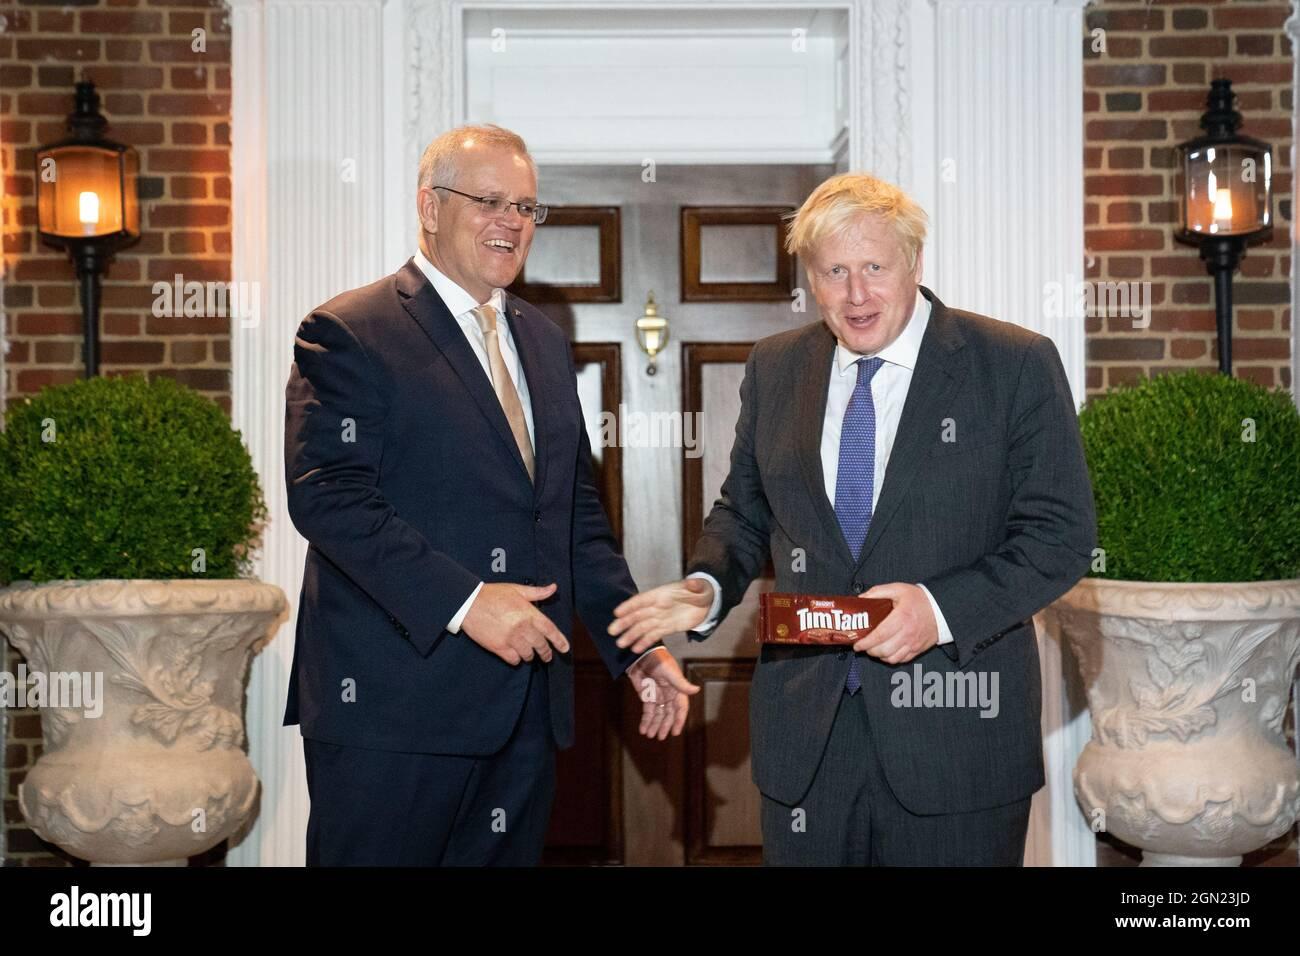 Il primo Ministro Boris Johnson ha ricevuto un pacchetto di snack australiano, Tim Tams, mentre è accolto dal suo omologo australiano, Scott Morrison a Washington DC, durante la sua visita negli Stati Uniti per l'Assemblea Generale delle Nazioni Unite. Data foto: Martedì 21 settembre 2021. Foto Stock